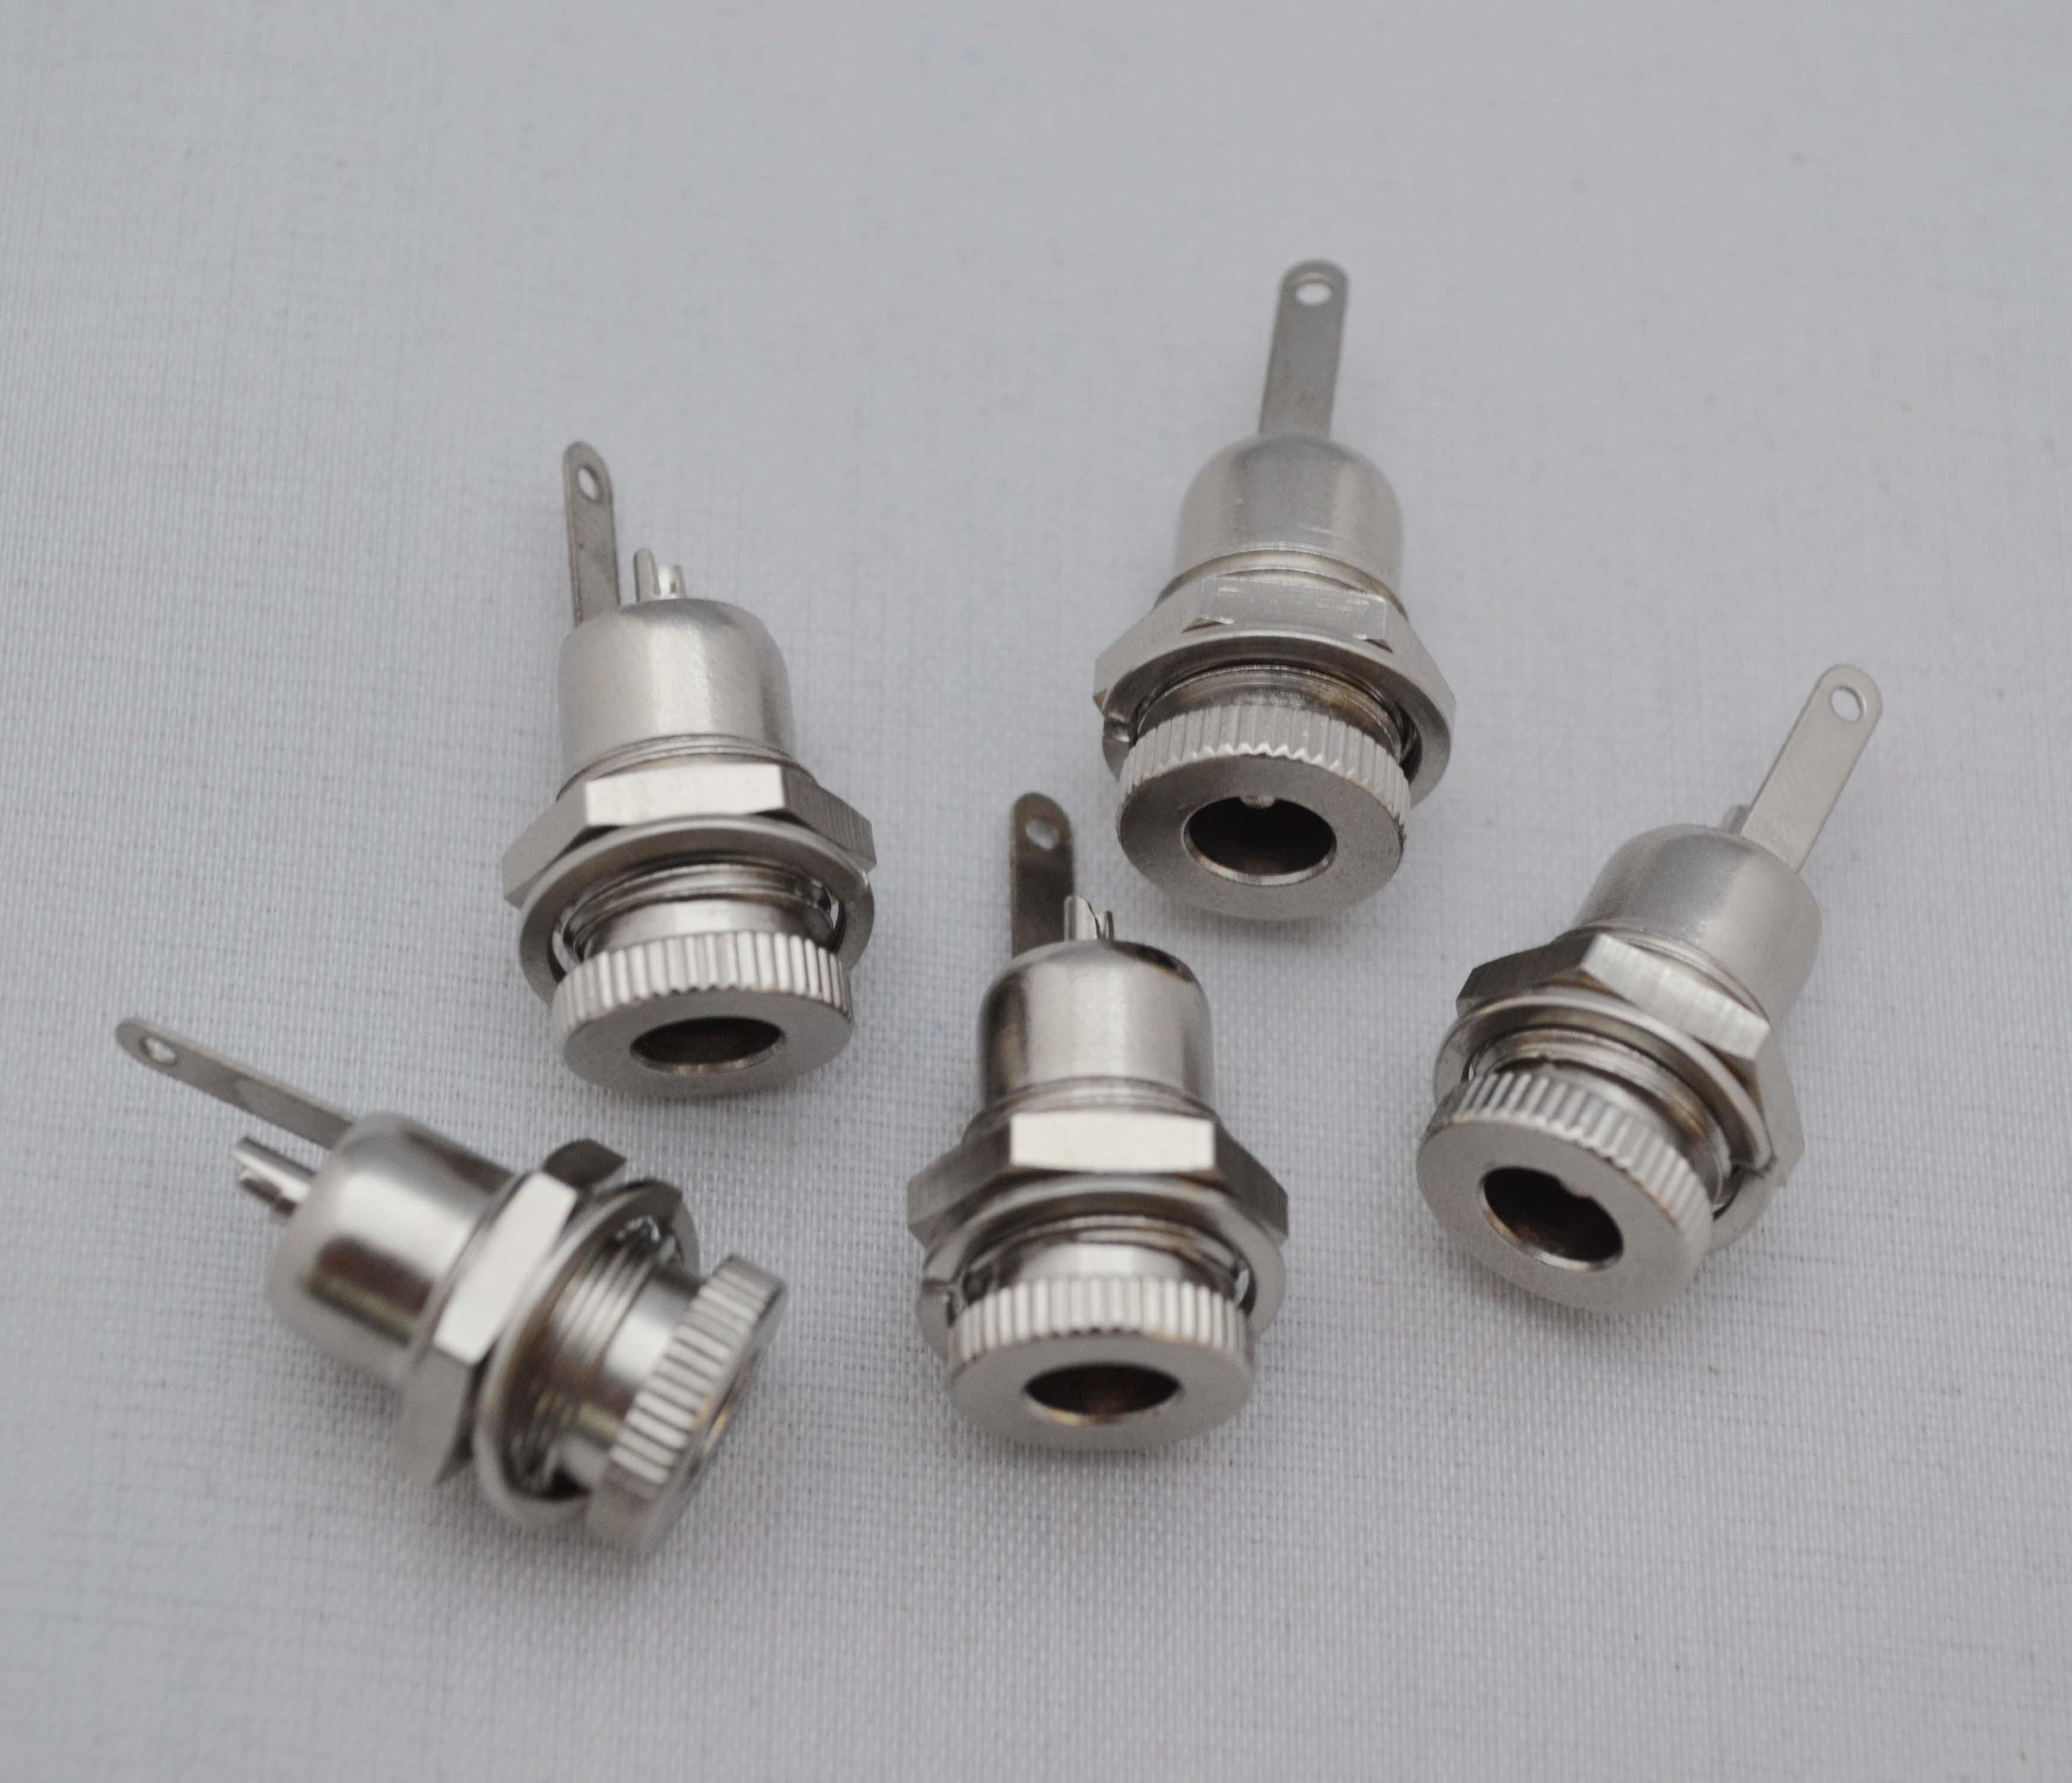 Haute qualité 5,5 mm x 2,5 mm ou 5,5 mm x 2,1 mm DC Power Jack prise femelle panneau montage connecteur adaptateur + livraison gratuite